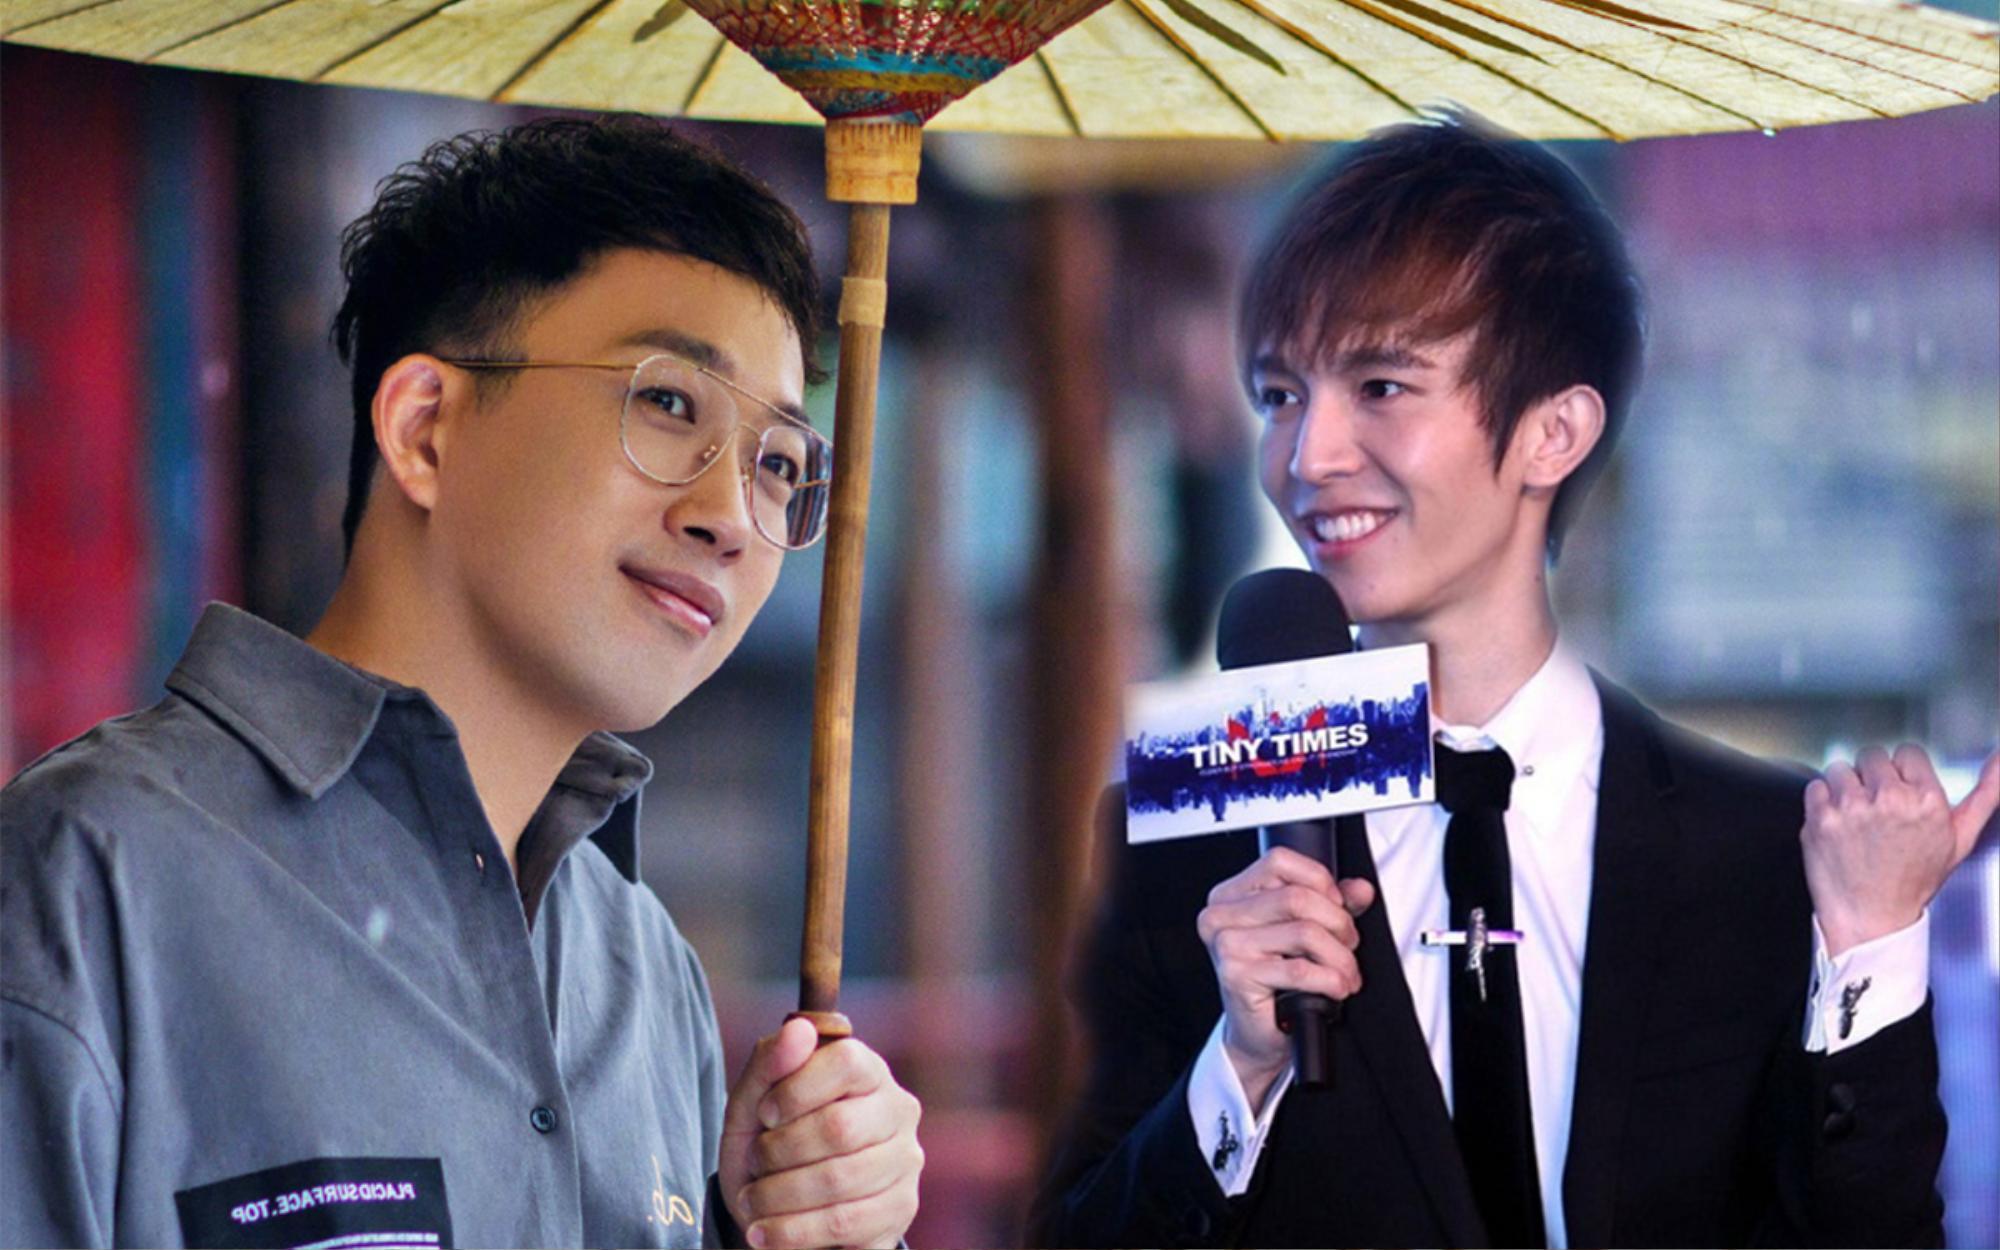 10 sự kiện gây chấn động showbiz Hoa Ngữ nửa đầu năm 2021: Chẳng có gì bất ngờ bằng scandal Trịnh Sảng Ảnh 12